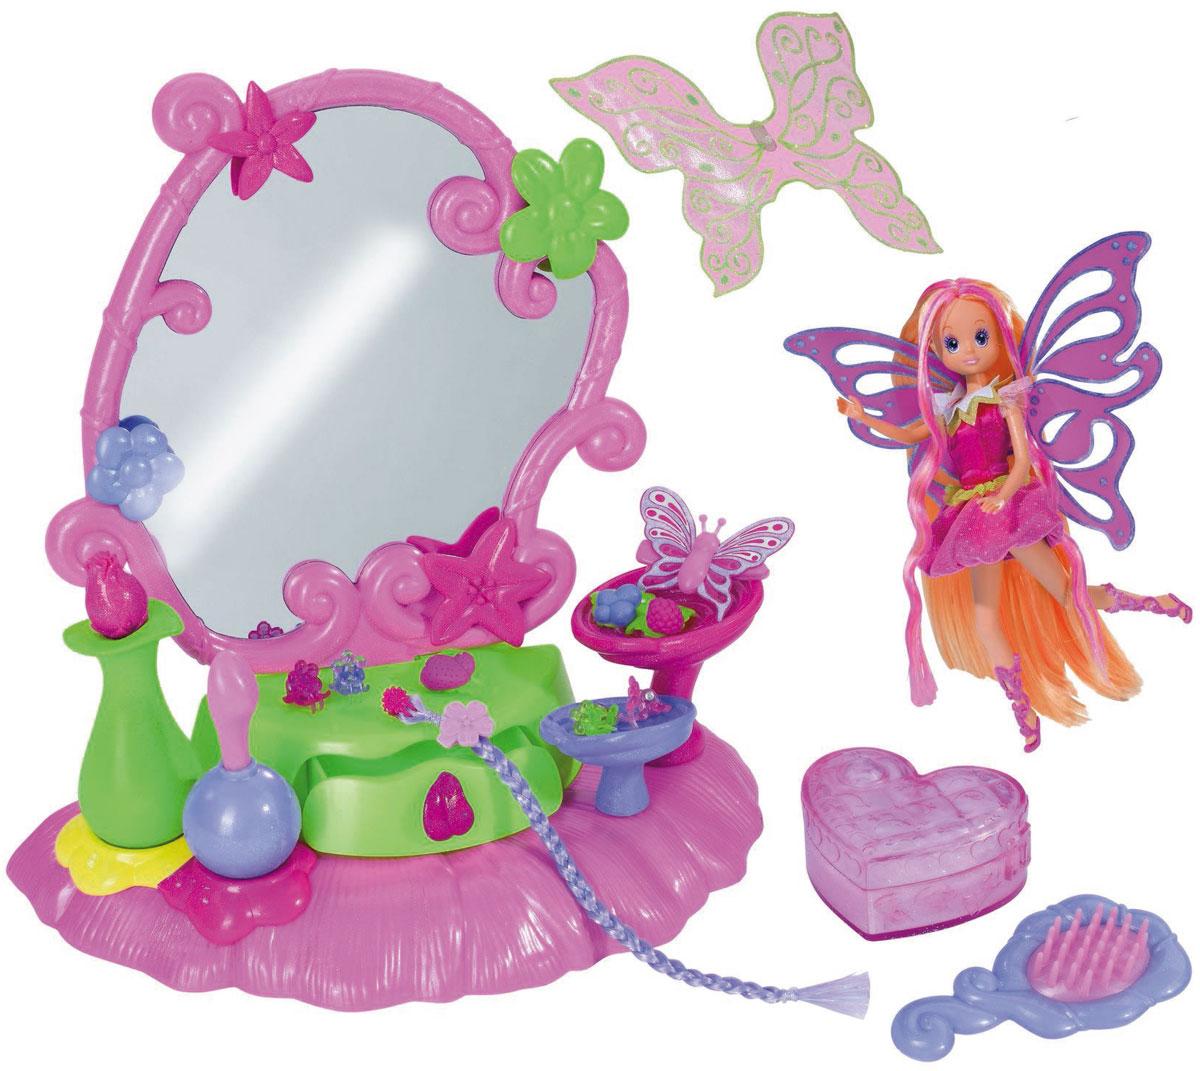 Simba Игровой набор с куклой Dream Fairies5519314Игровой набор Игровой набор Фея и столик с украшениями привлечет внимание вашей малышки и не позволит ей скучать. Ваша маленькая принцесса хочет всегда быть самой привлекательной? Тогда ей обязательно понадобится набор Фея и столик с украшениями. Комплект включает в себя большое зеркало, в котором спрятан секретный тайник и дополнительные аксессуары, которые помогут девочке сделать себе новую прическу и маникюр. Ребенок сможет не только играть в маму перед своим собственным туалетным столиком, но и учиться плести косы, подбирать аксессуары, создавать оригинальный образ, используя в качестве наглядного пособия свою новую волшебную куклу-фею в праздничном платьице и с парой резных крылышек (входит в набор). Благодаря играм с куклой ваша малышка сможет развить фантазию и любознательность, овладеть навыками общения и научиться ответственности. Порадуйте свою принцессу таким прекрасным подарком!